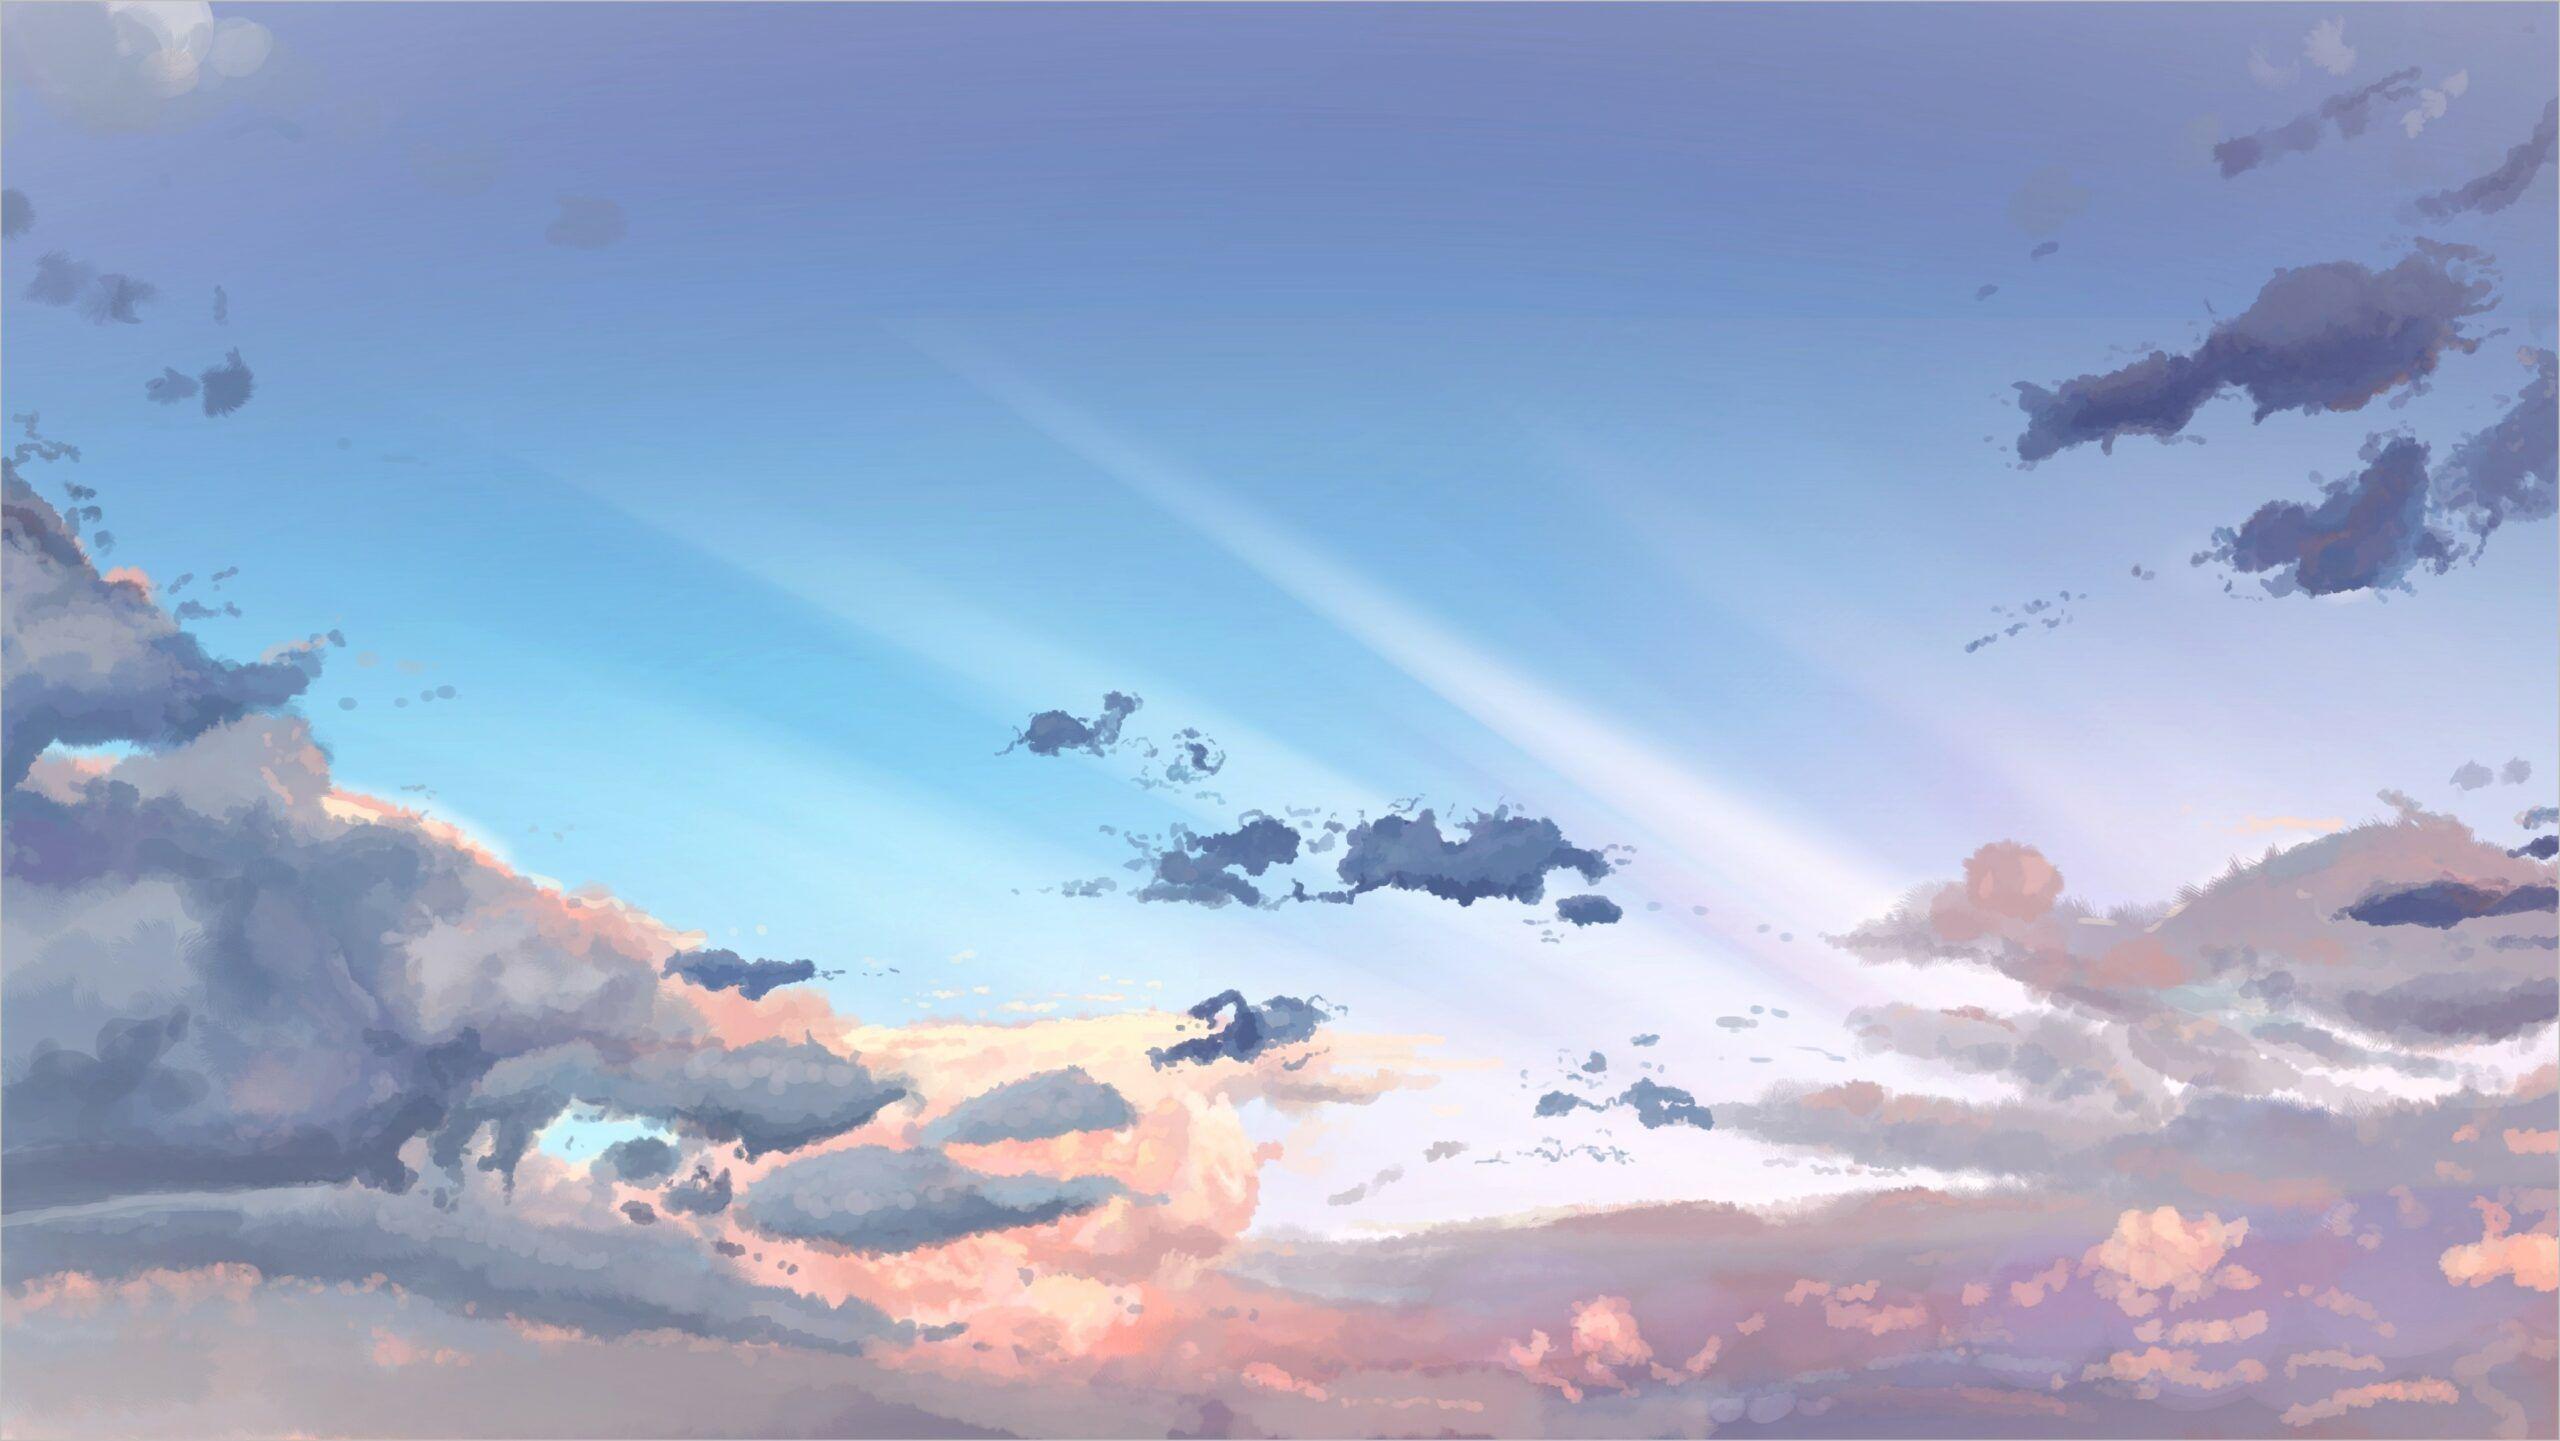 Anime Wallpaper 4k Sky Sky Anime Anime Wallpaper Night Sky Wallpaper